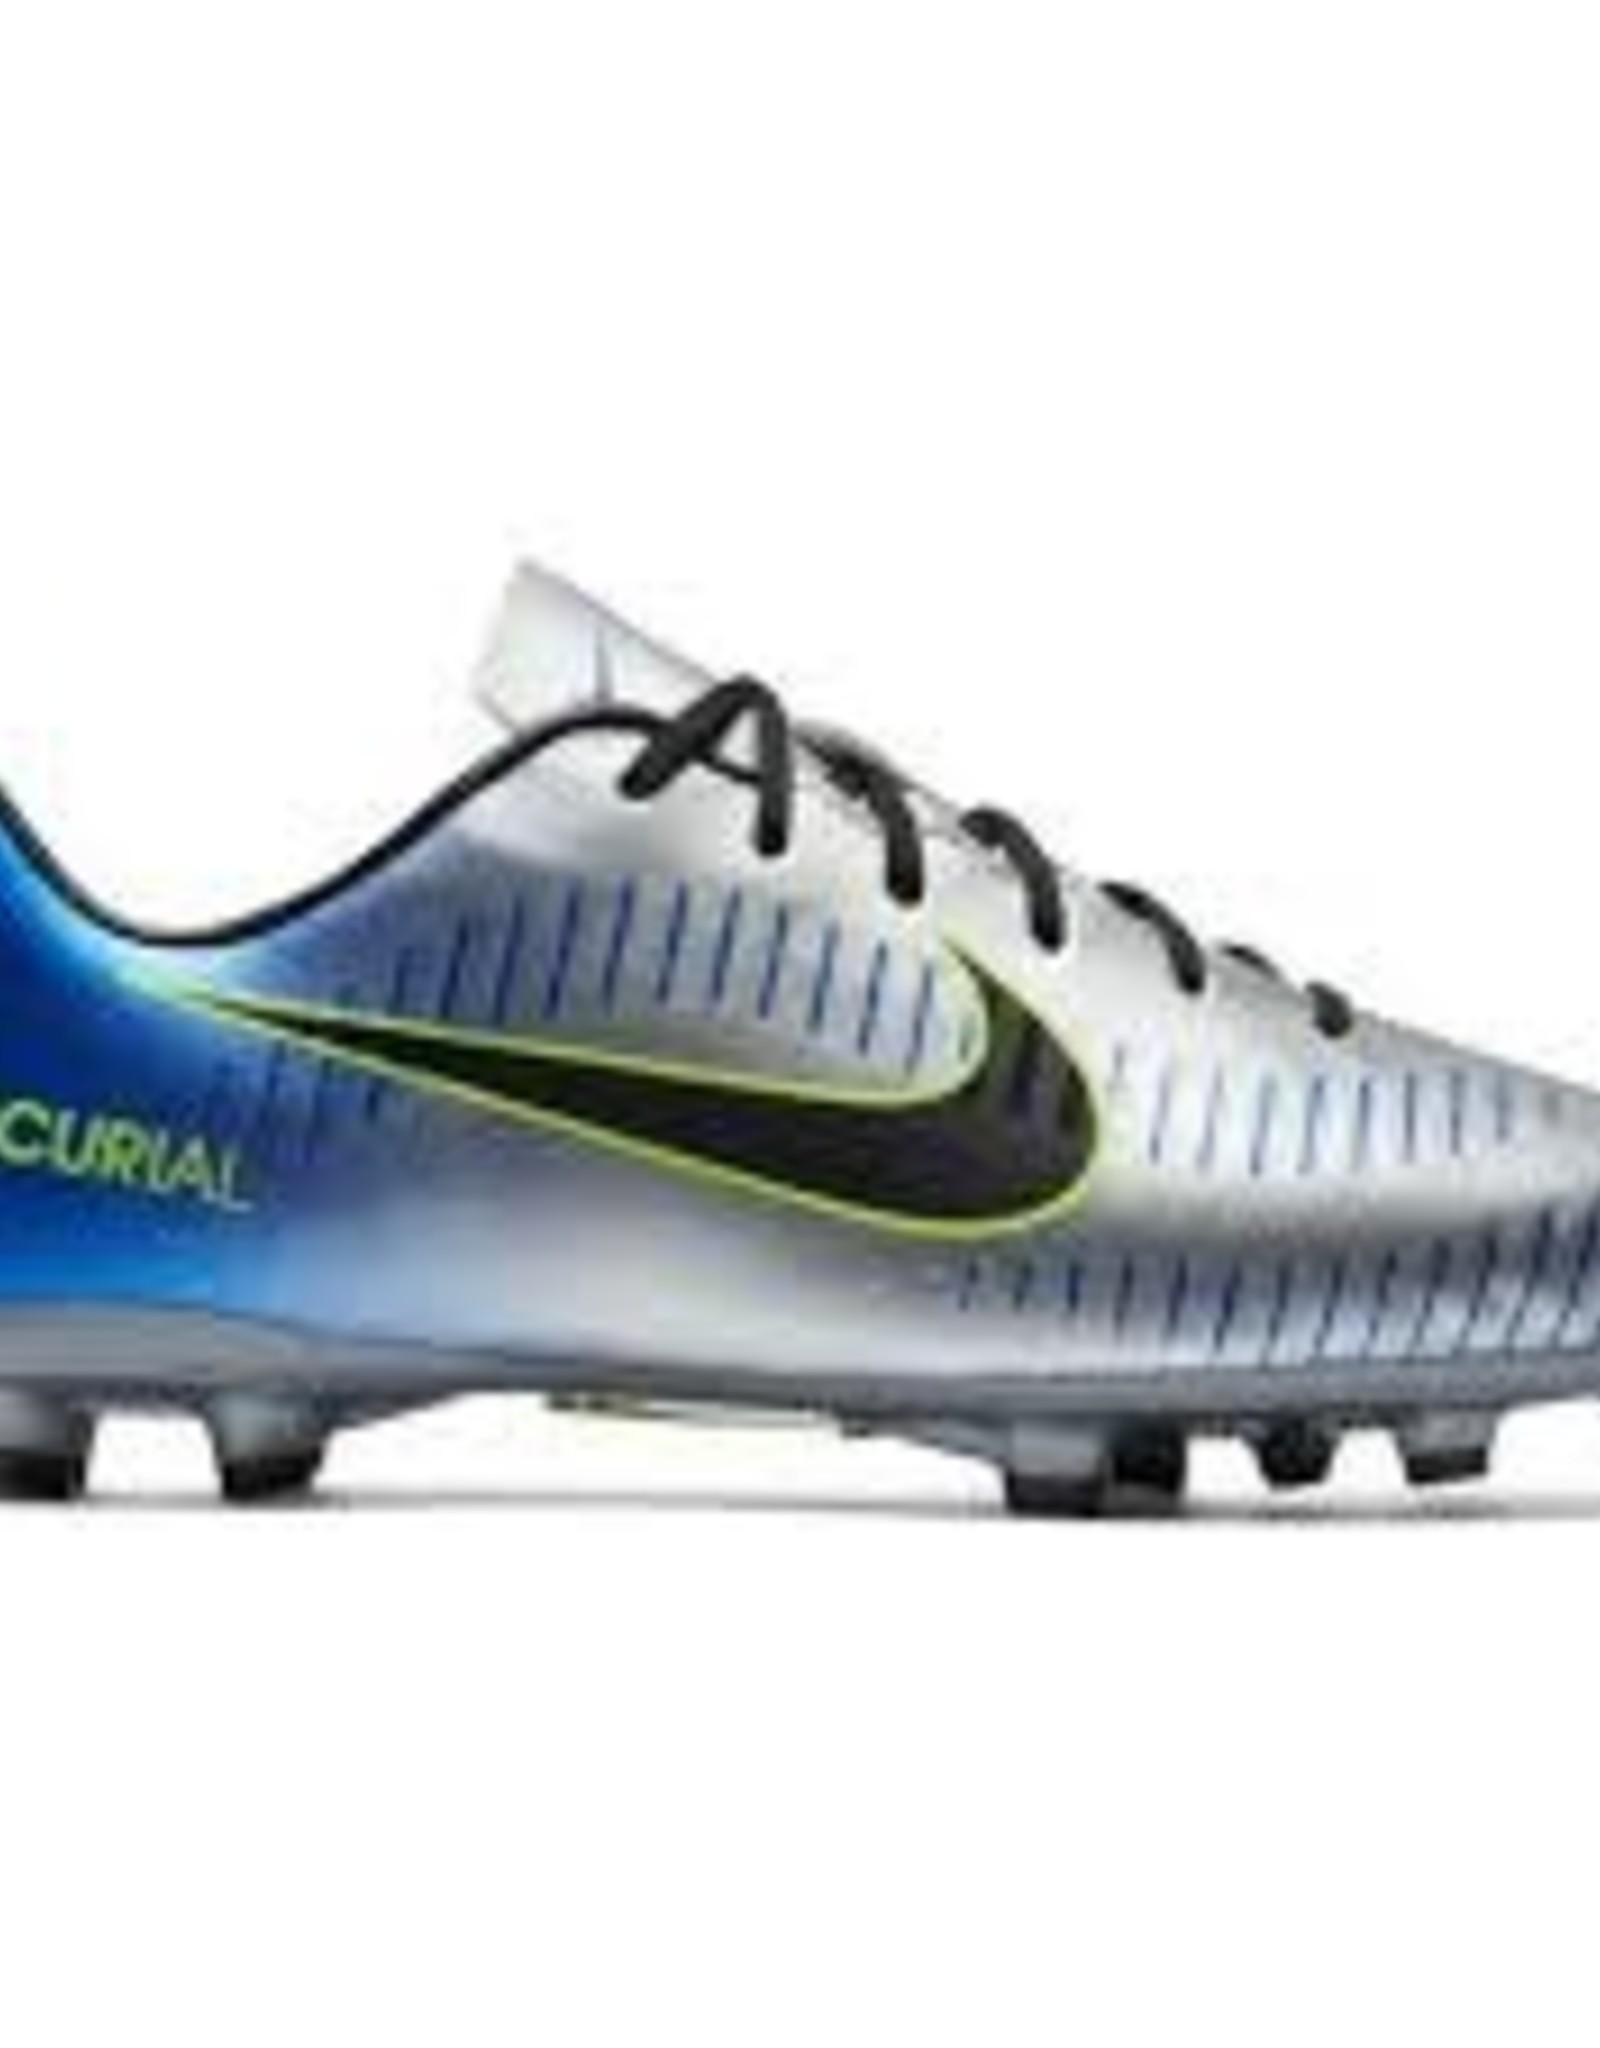 Nike jr mercurial njr 4.5